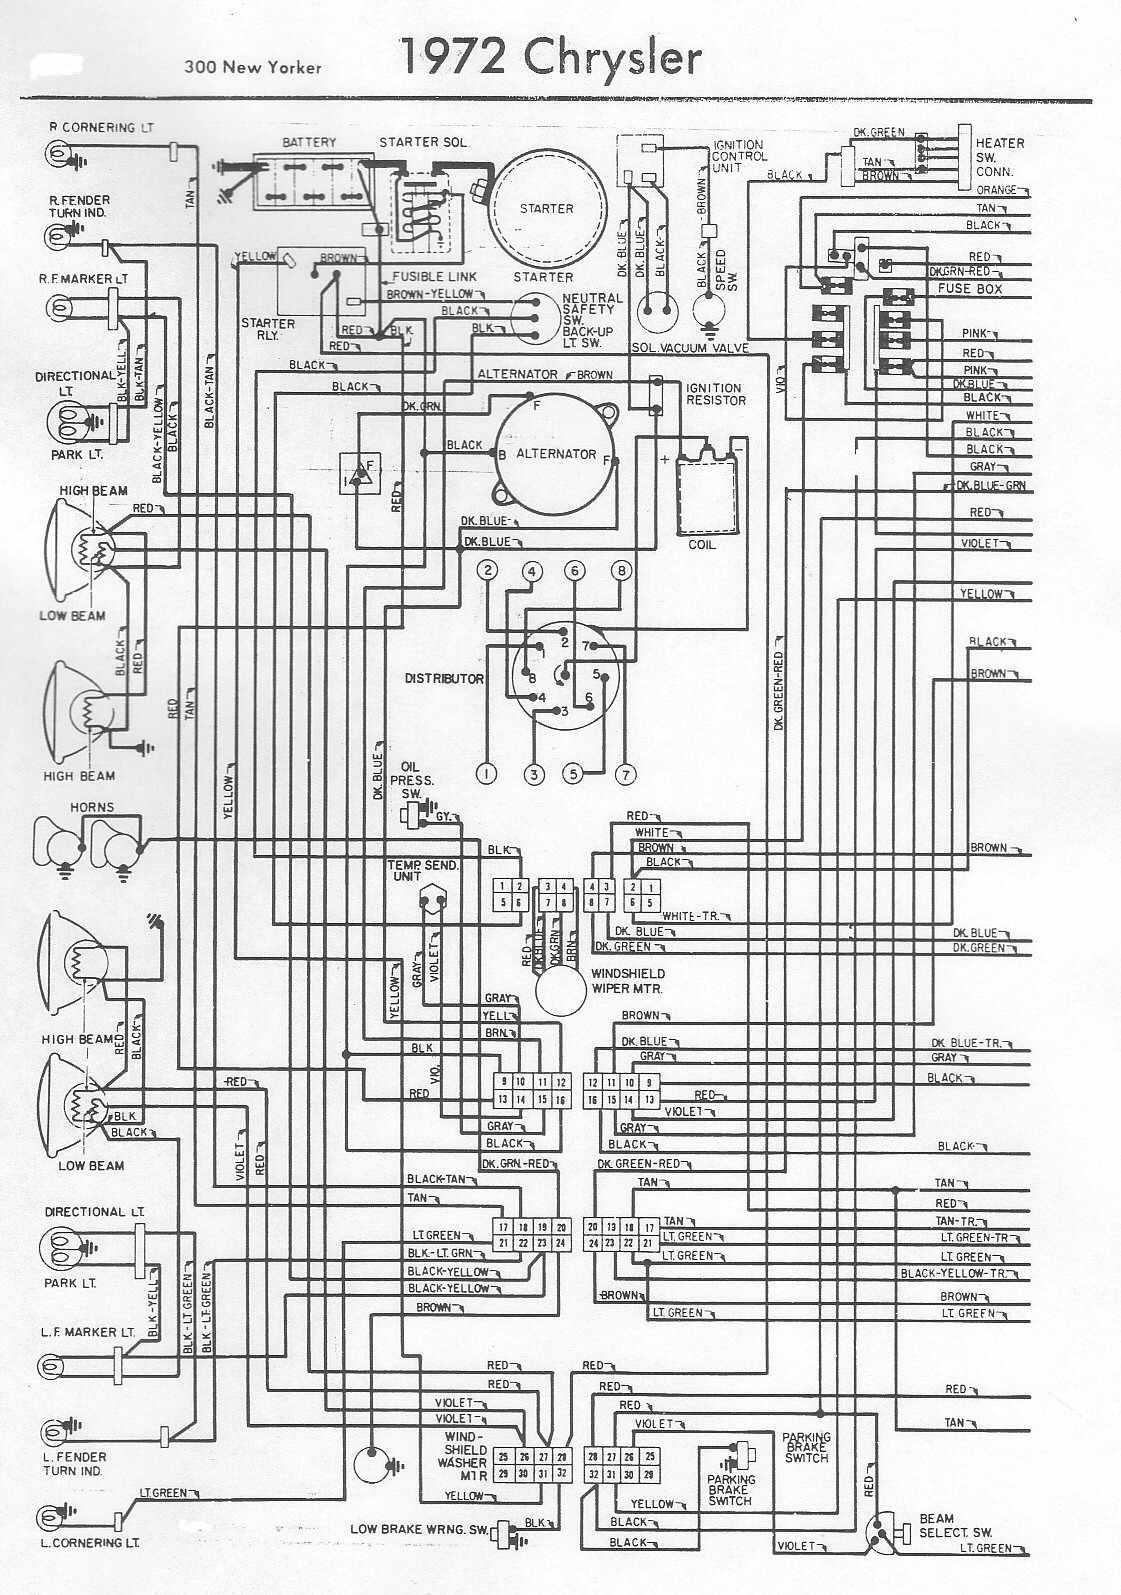 1968 chrysler wiring diagram wiring diagram third level 1966 chrysler 300 1966 chrysler new yorker wiring [ 1121 x 1595 Pixel ]